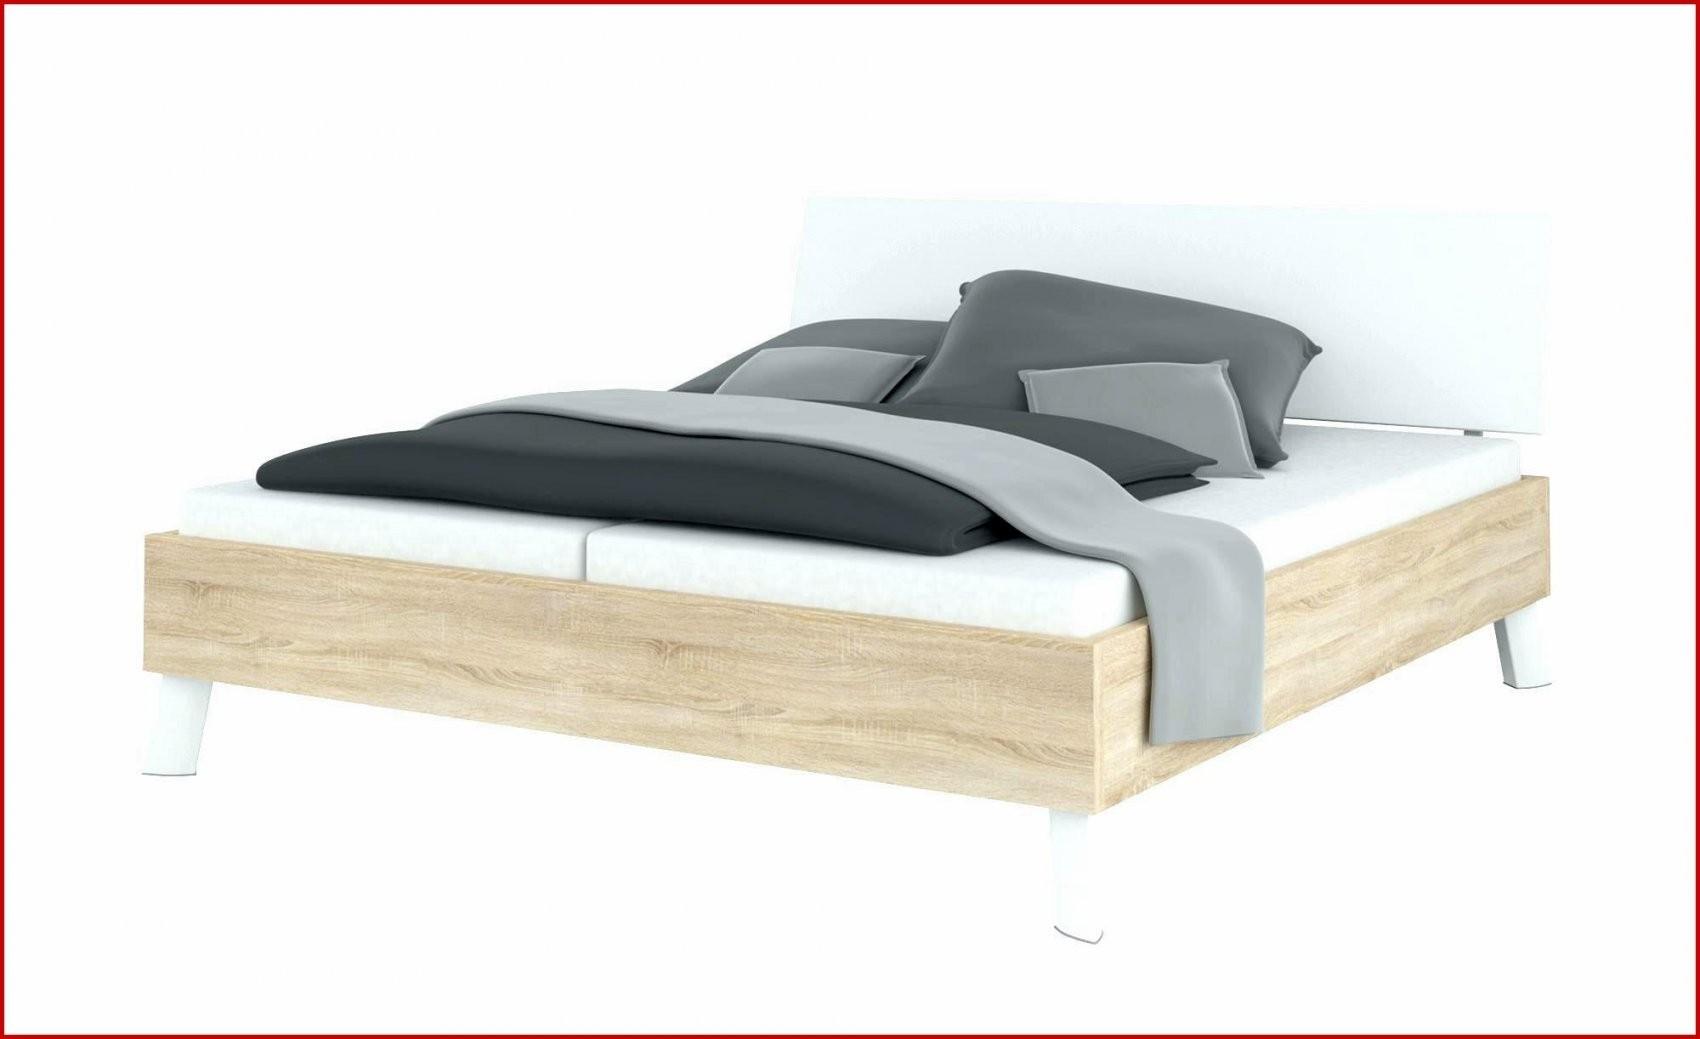 Beste Betten Mit Matratze Und Lattenrost 140×200 Bett 160×200 von Bett Mit Matratze Und Lattenrost 160X200 Photo